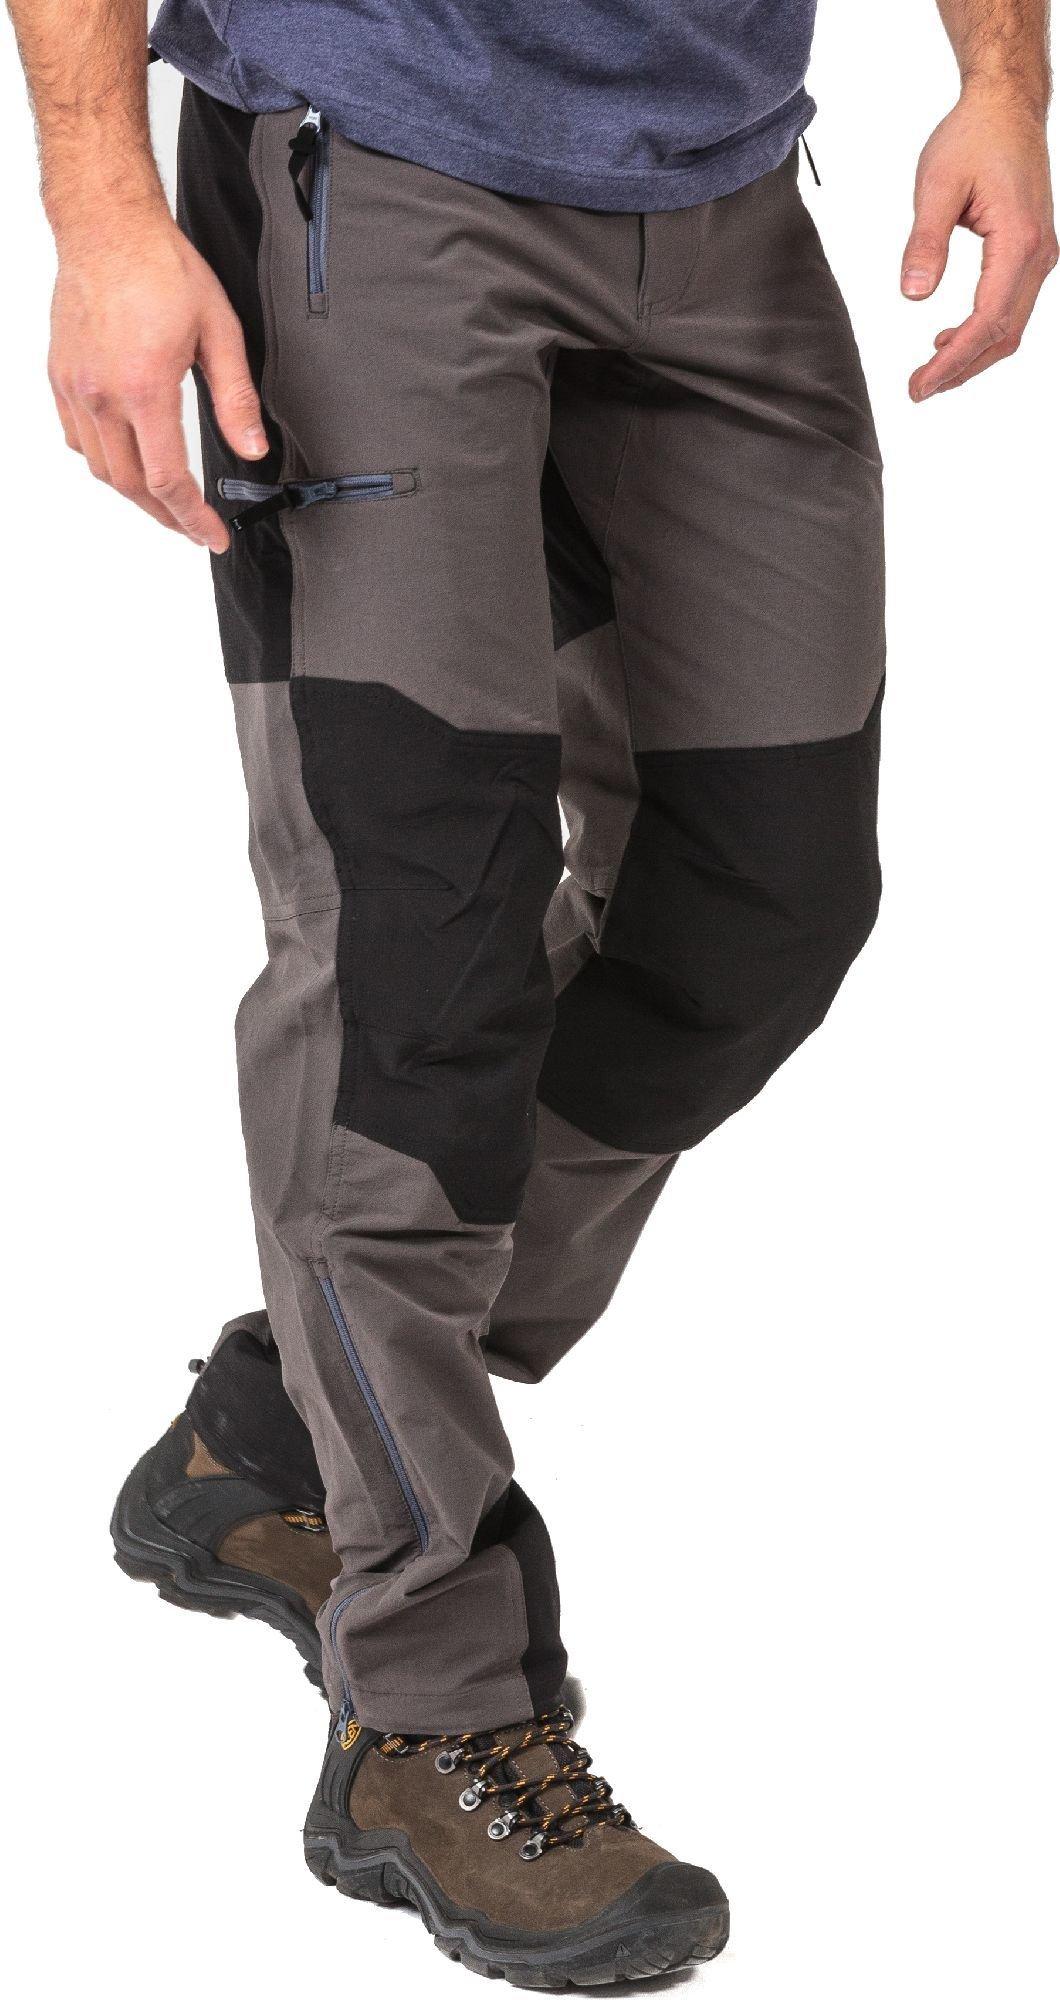 448229b1 Milo Spodnie trekkingowe męskie Brenta Grey r. XXL w Sklep-presto.pl